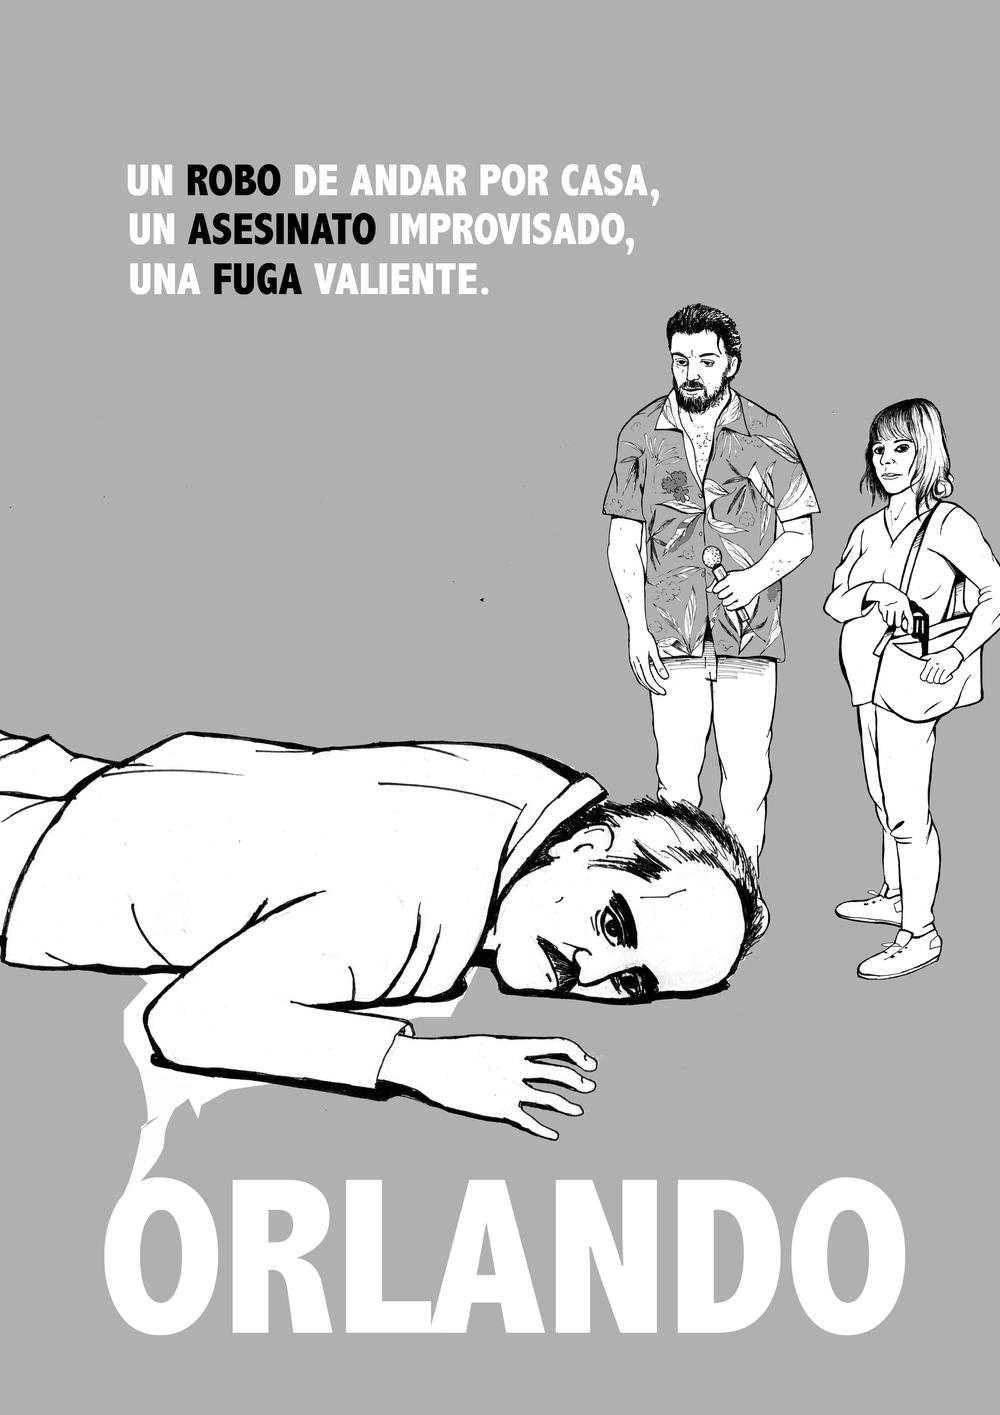 """*EN DESARROLLO (2016) ORLANDO (El blues del hombre normal) Comedia / Crimen / Drama VO: Castellano El improvisado crimen de Damián Rodríguez está destinado a llevarle a la cárcel. Su alter ego, el cantante Orlando """"Brown"""" Junior, y su valiente esposa, Núria, lucharán para salvarse Producido por SATURNO FILMS & SETMÀGIC AUDIOVISUALS Director:ERIC BOADELLA Guión:ERIC BOADELLA & DANIEL CASTRO Rodaje: OCTUBRE 2016"""